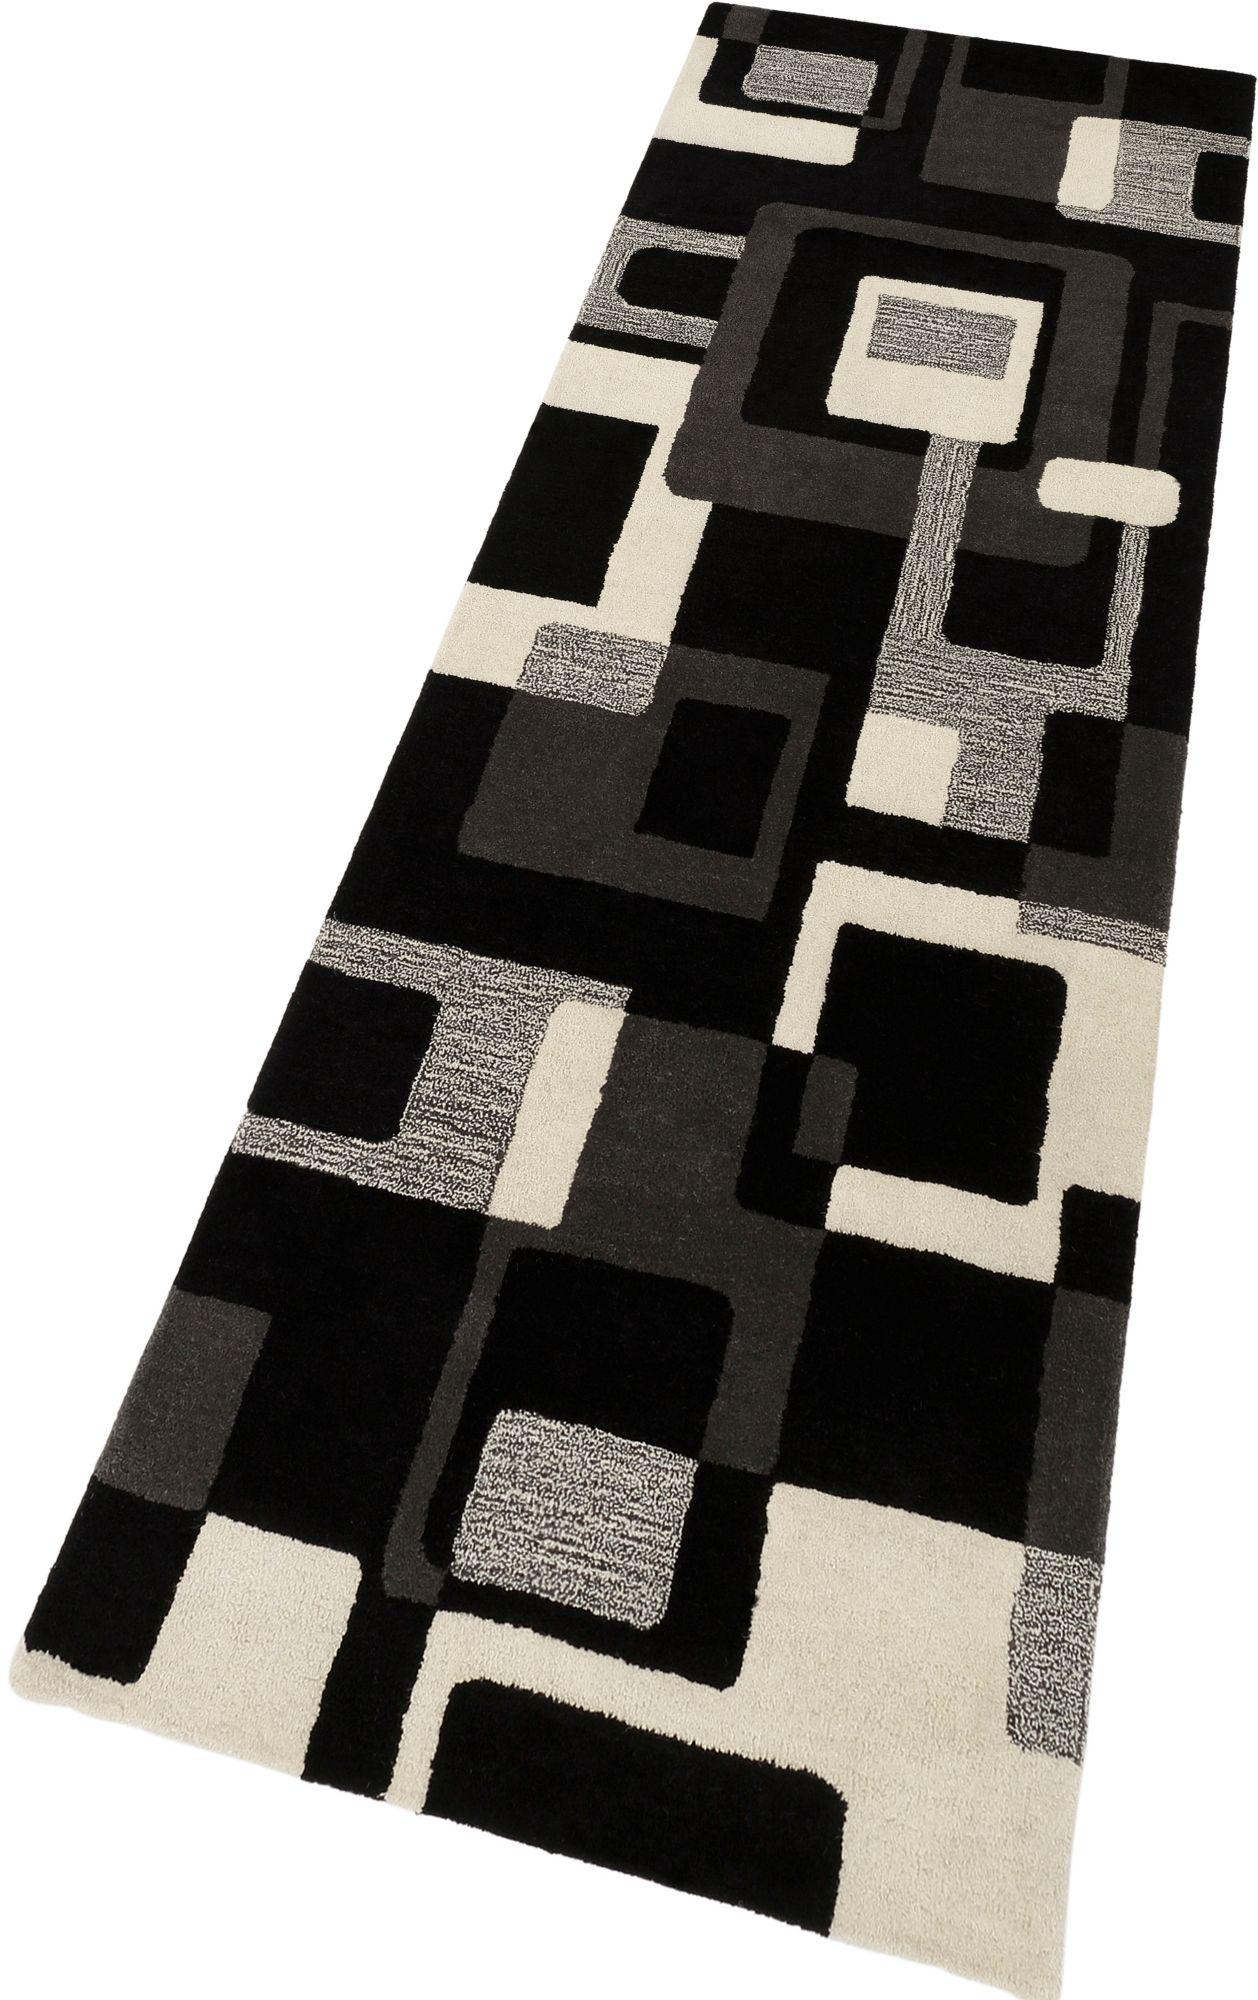 HOME AFFAIRE COLLECTION Schurwoll-Teppichläufer, HOME AFFAIRE, »Zahra«, Höhe 11 mm, handgearbeiteter Konturenschnitt